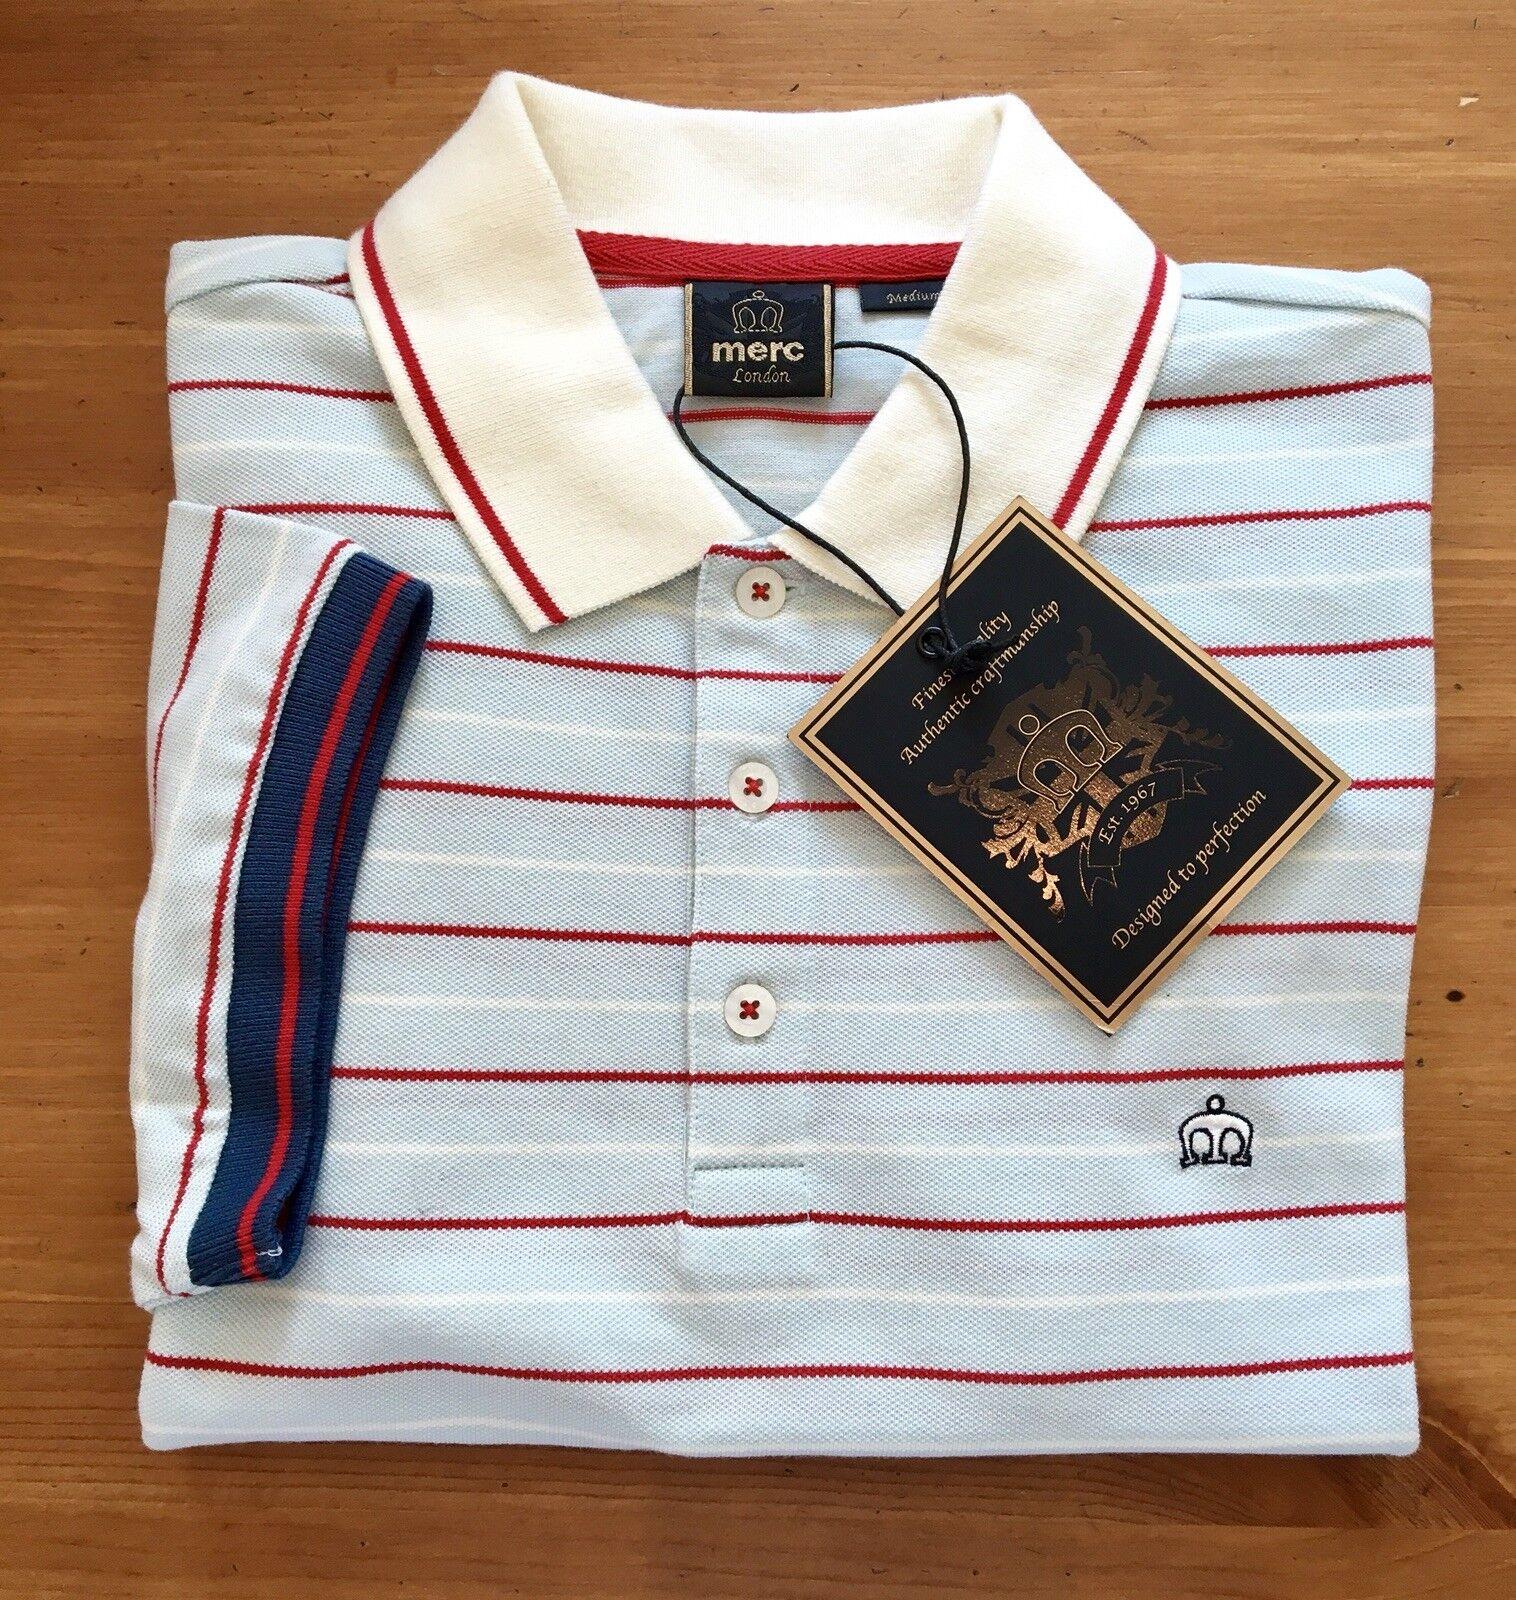 Merc London. Stripe Polo. SKY. XL. NUOVA con etichetta. 44  sul petto. stile classico.